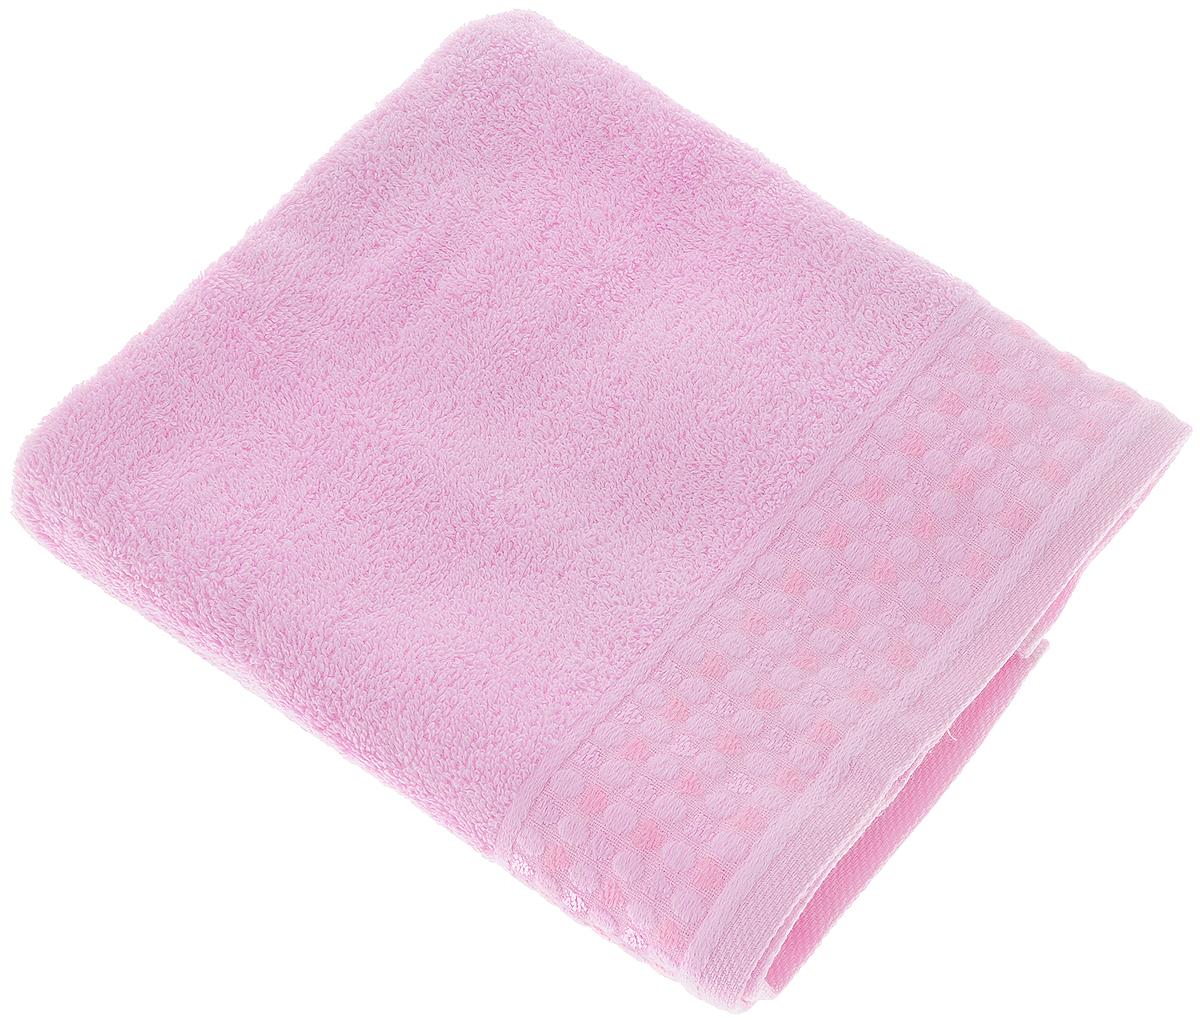 Полотенце Tete-a-Tete Сердечки, цвет: розовый, 50 х 90 смУП-007-04кПолотенце Tete-a-Tete Сердечки выполнено из 100% хлопка. Изделие отлично впитывает влагу, быстро сохнет, сохраняет яркость цвета и не теряет форму даже после многократных стирок.Такое полотенце очень практично и неприхотливо в уходе. Оно создаст прекрасное настроение и украсит интерьер в ванной комнате. Полотенце упаковано в красивую коробку и может послужит отличной идеей для подарка.